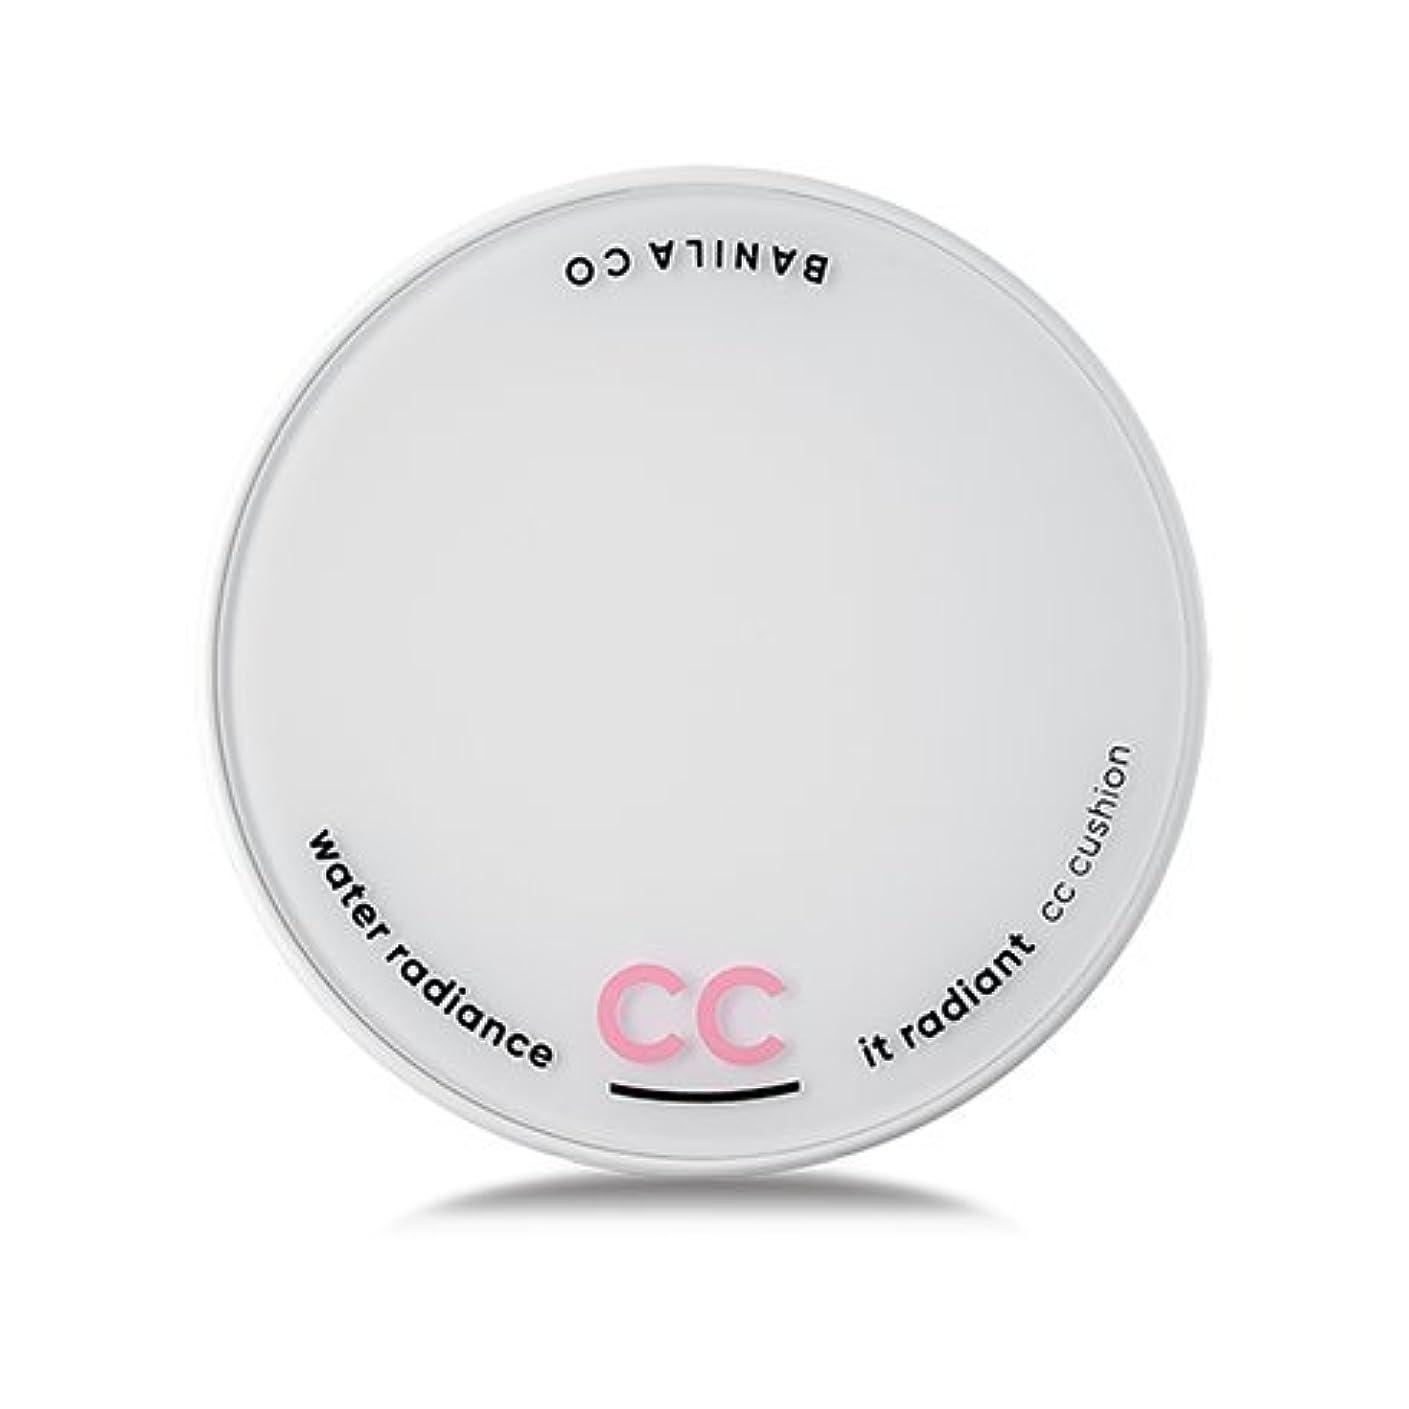 おもしろい願望抑制[Renewal] BANILA CO It Radiant CC Cushion 15g + Refill 15g/バニラコ イット ラディアント CC クッション 15g + リフィル 15g (#Light Beige...